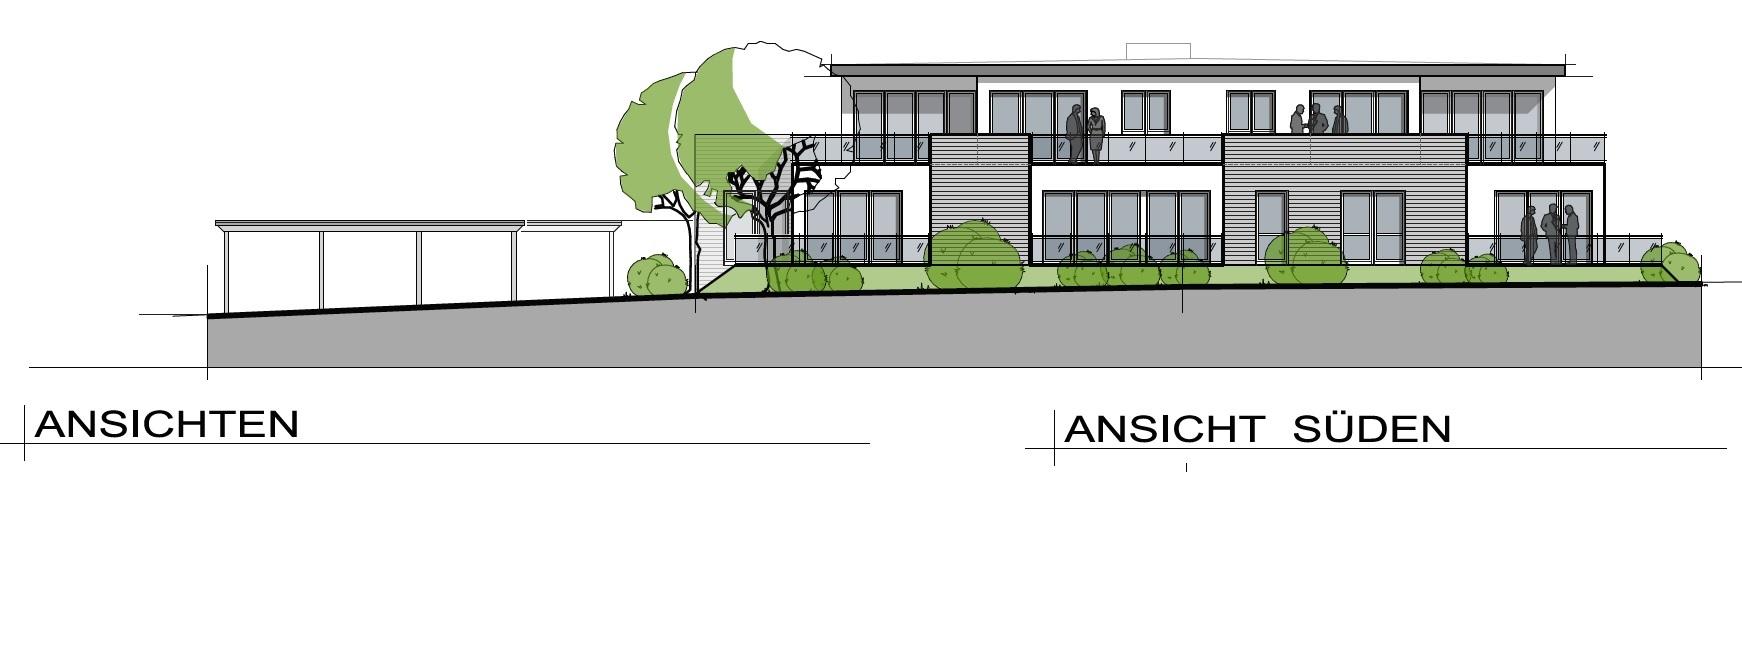 hochwertige penthouse wohnung neubau kfw 55 in g tersloh mit fahrstuhl und dachterrasse id. Black Bedroom Furniture Sets. Home Design Ideas